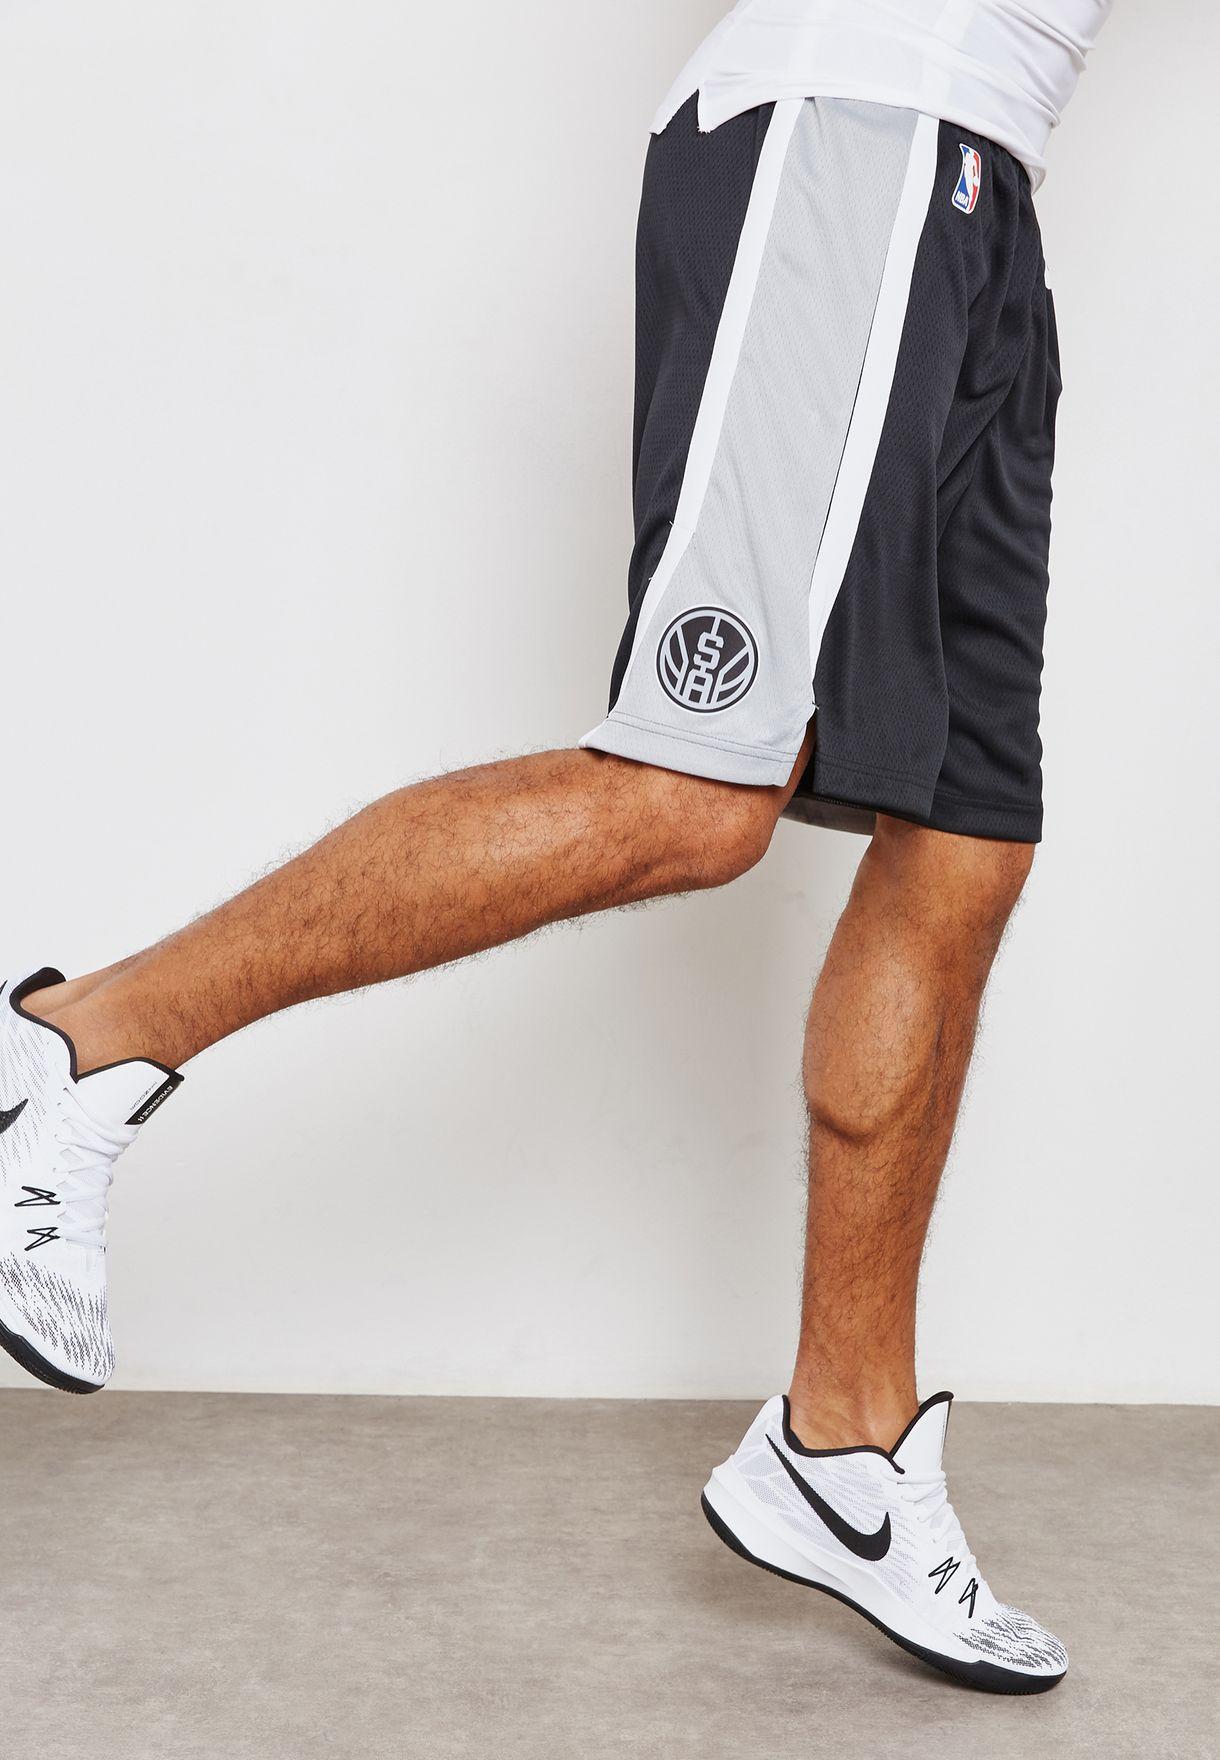 899dfa5a8141 Shop Nike black San Antonio Spurs Swingman Road Shorts 866877-010 ...